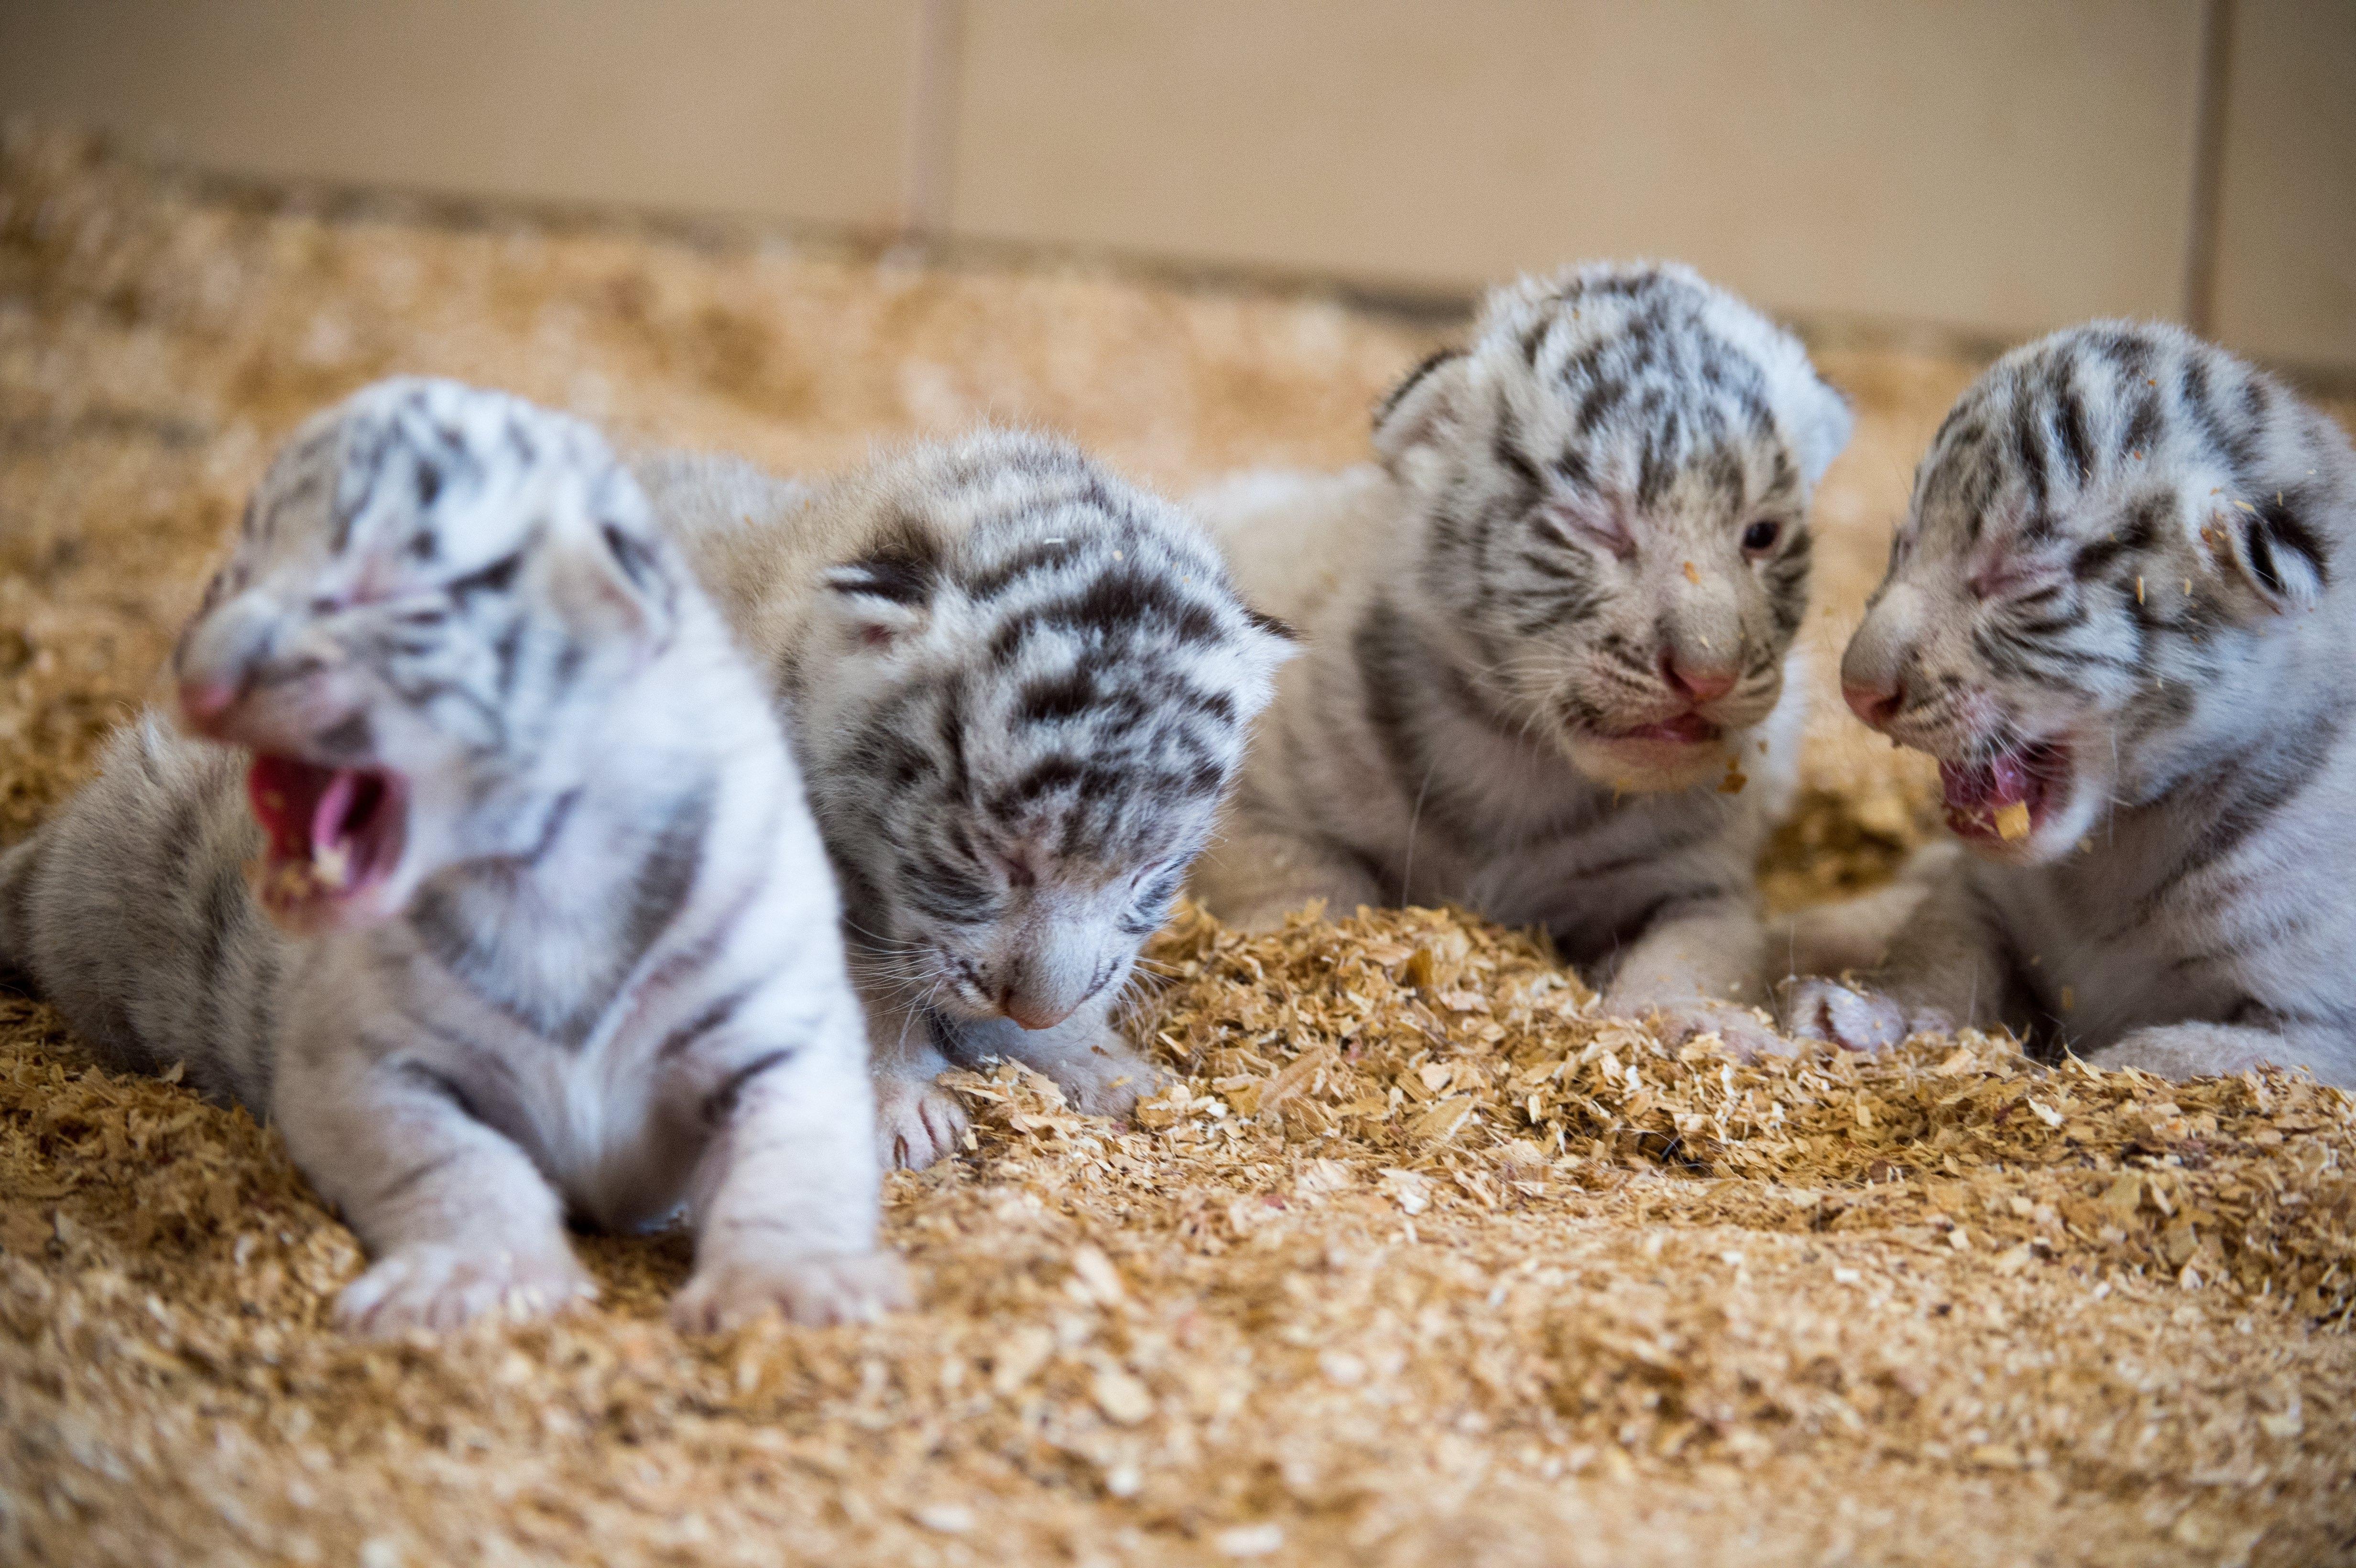 Австрийска зоологическа градина представи новородените си четири бели тигърчета - Фалко, Тото, Миа и Мауци, съобщи Ройтерс. Бялата зоологическа градина е на 150 км от Виена. Тя е популярна туристическа дестинация. Тигърчетата са се родили на 22 март. Те ще останат с майка си една година, а след това ще бъдат дарени на други зоологически градини.